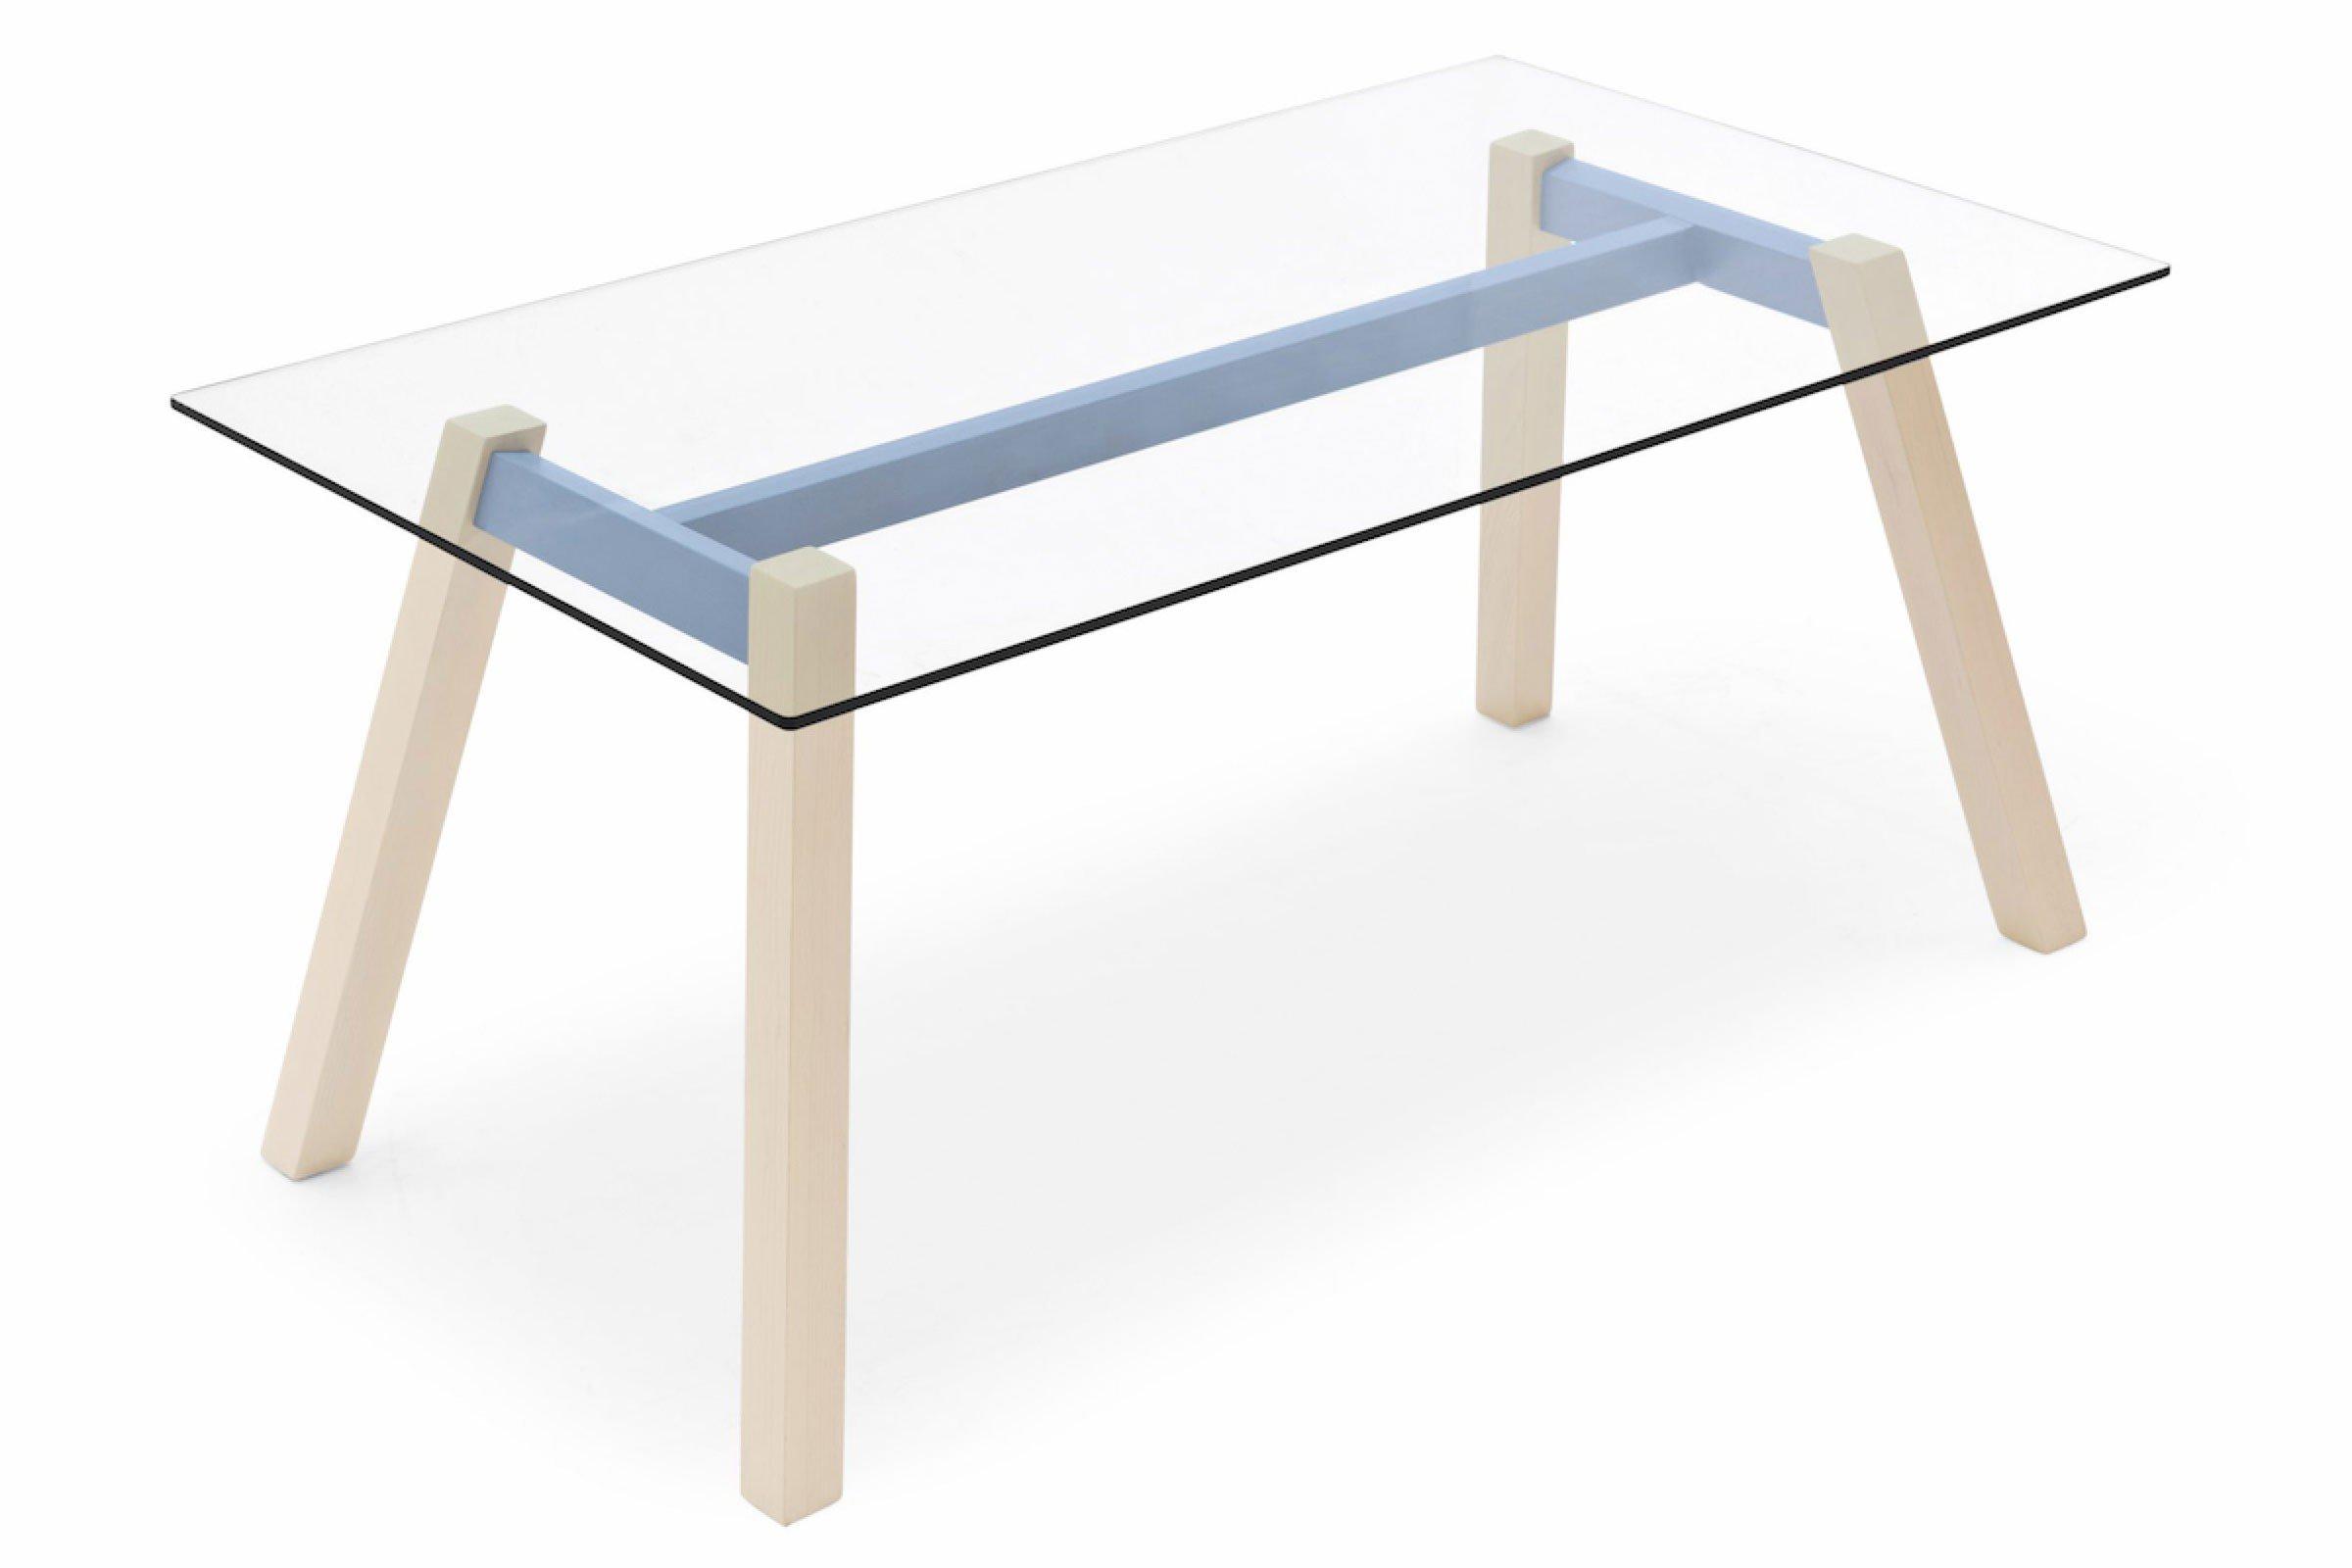 skandinavischer esstisch toivo klarglas blau m bel letz ihr online shop. Black Bedroom Furniture Sets. Home Design Ideas